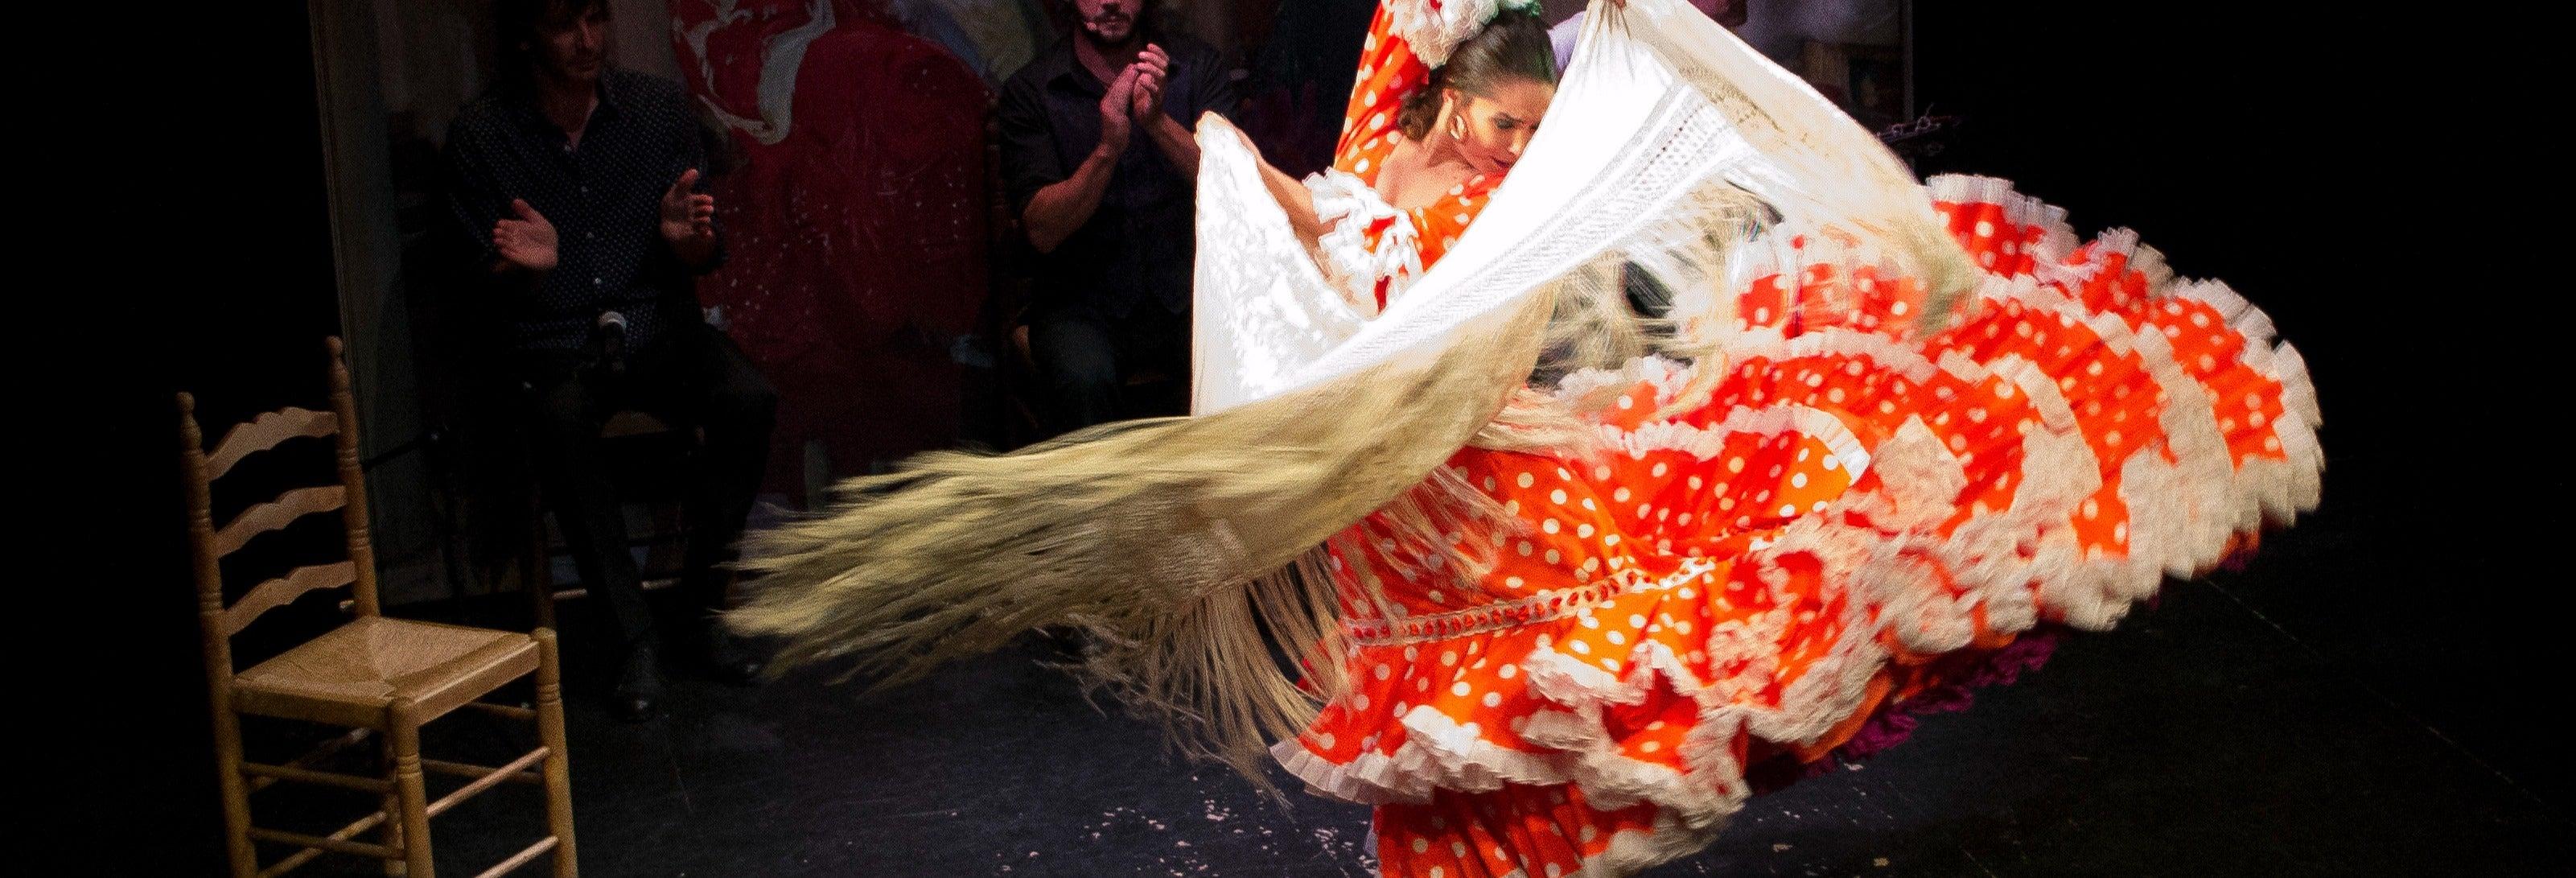 Espectáculo en el Teatro Flamenco Triana